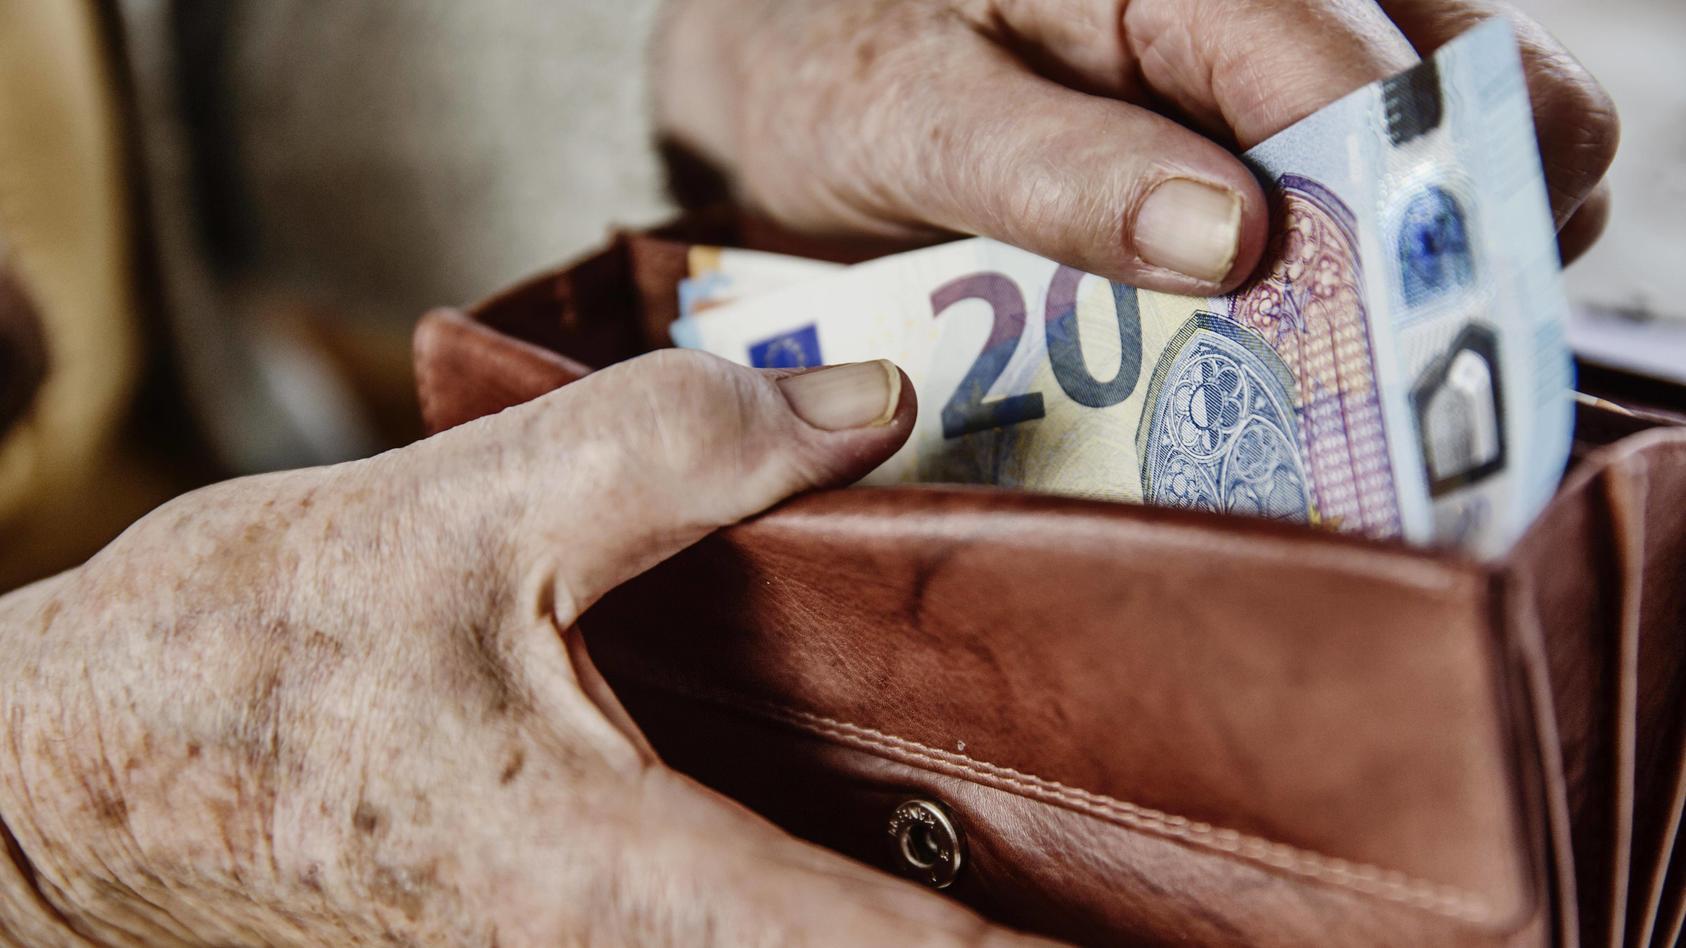 Seniorin zieht einen 20 Euro Schein aus ihrem Portemonnaie, Deutschland, Europa *** A 20 Euro Bill citizen pulls out he